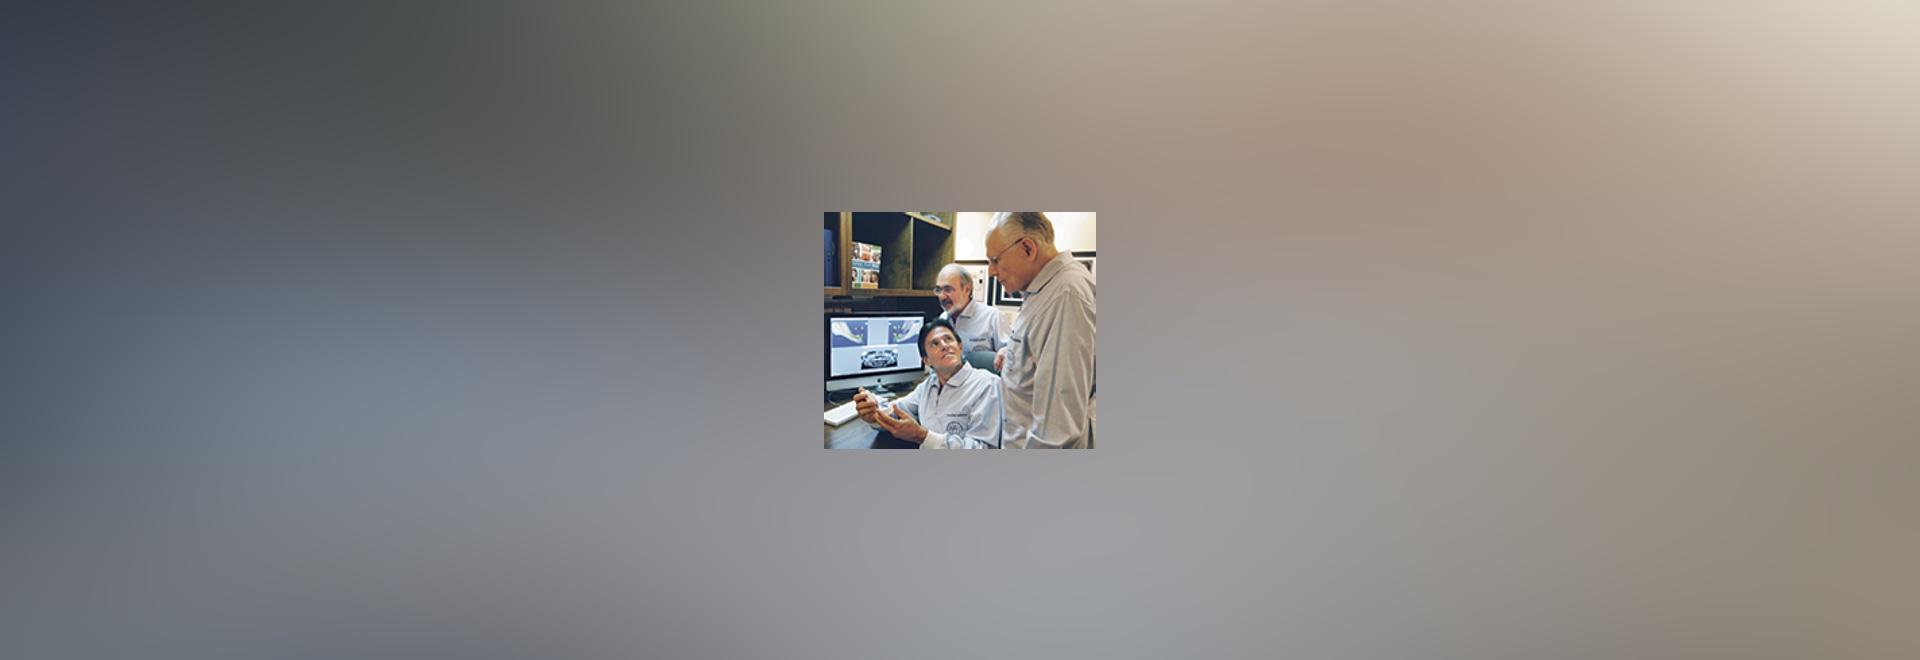 ? Équipe Atlanta ? (de gauche à droite : Jeu rouleau-tambour. Maurice Salama, David Garber, et Ronald Goldstein) passant en revue un cas complexe utilisant des technologies à trois dimensions moder...